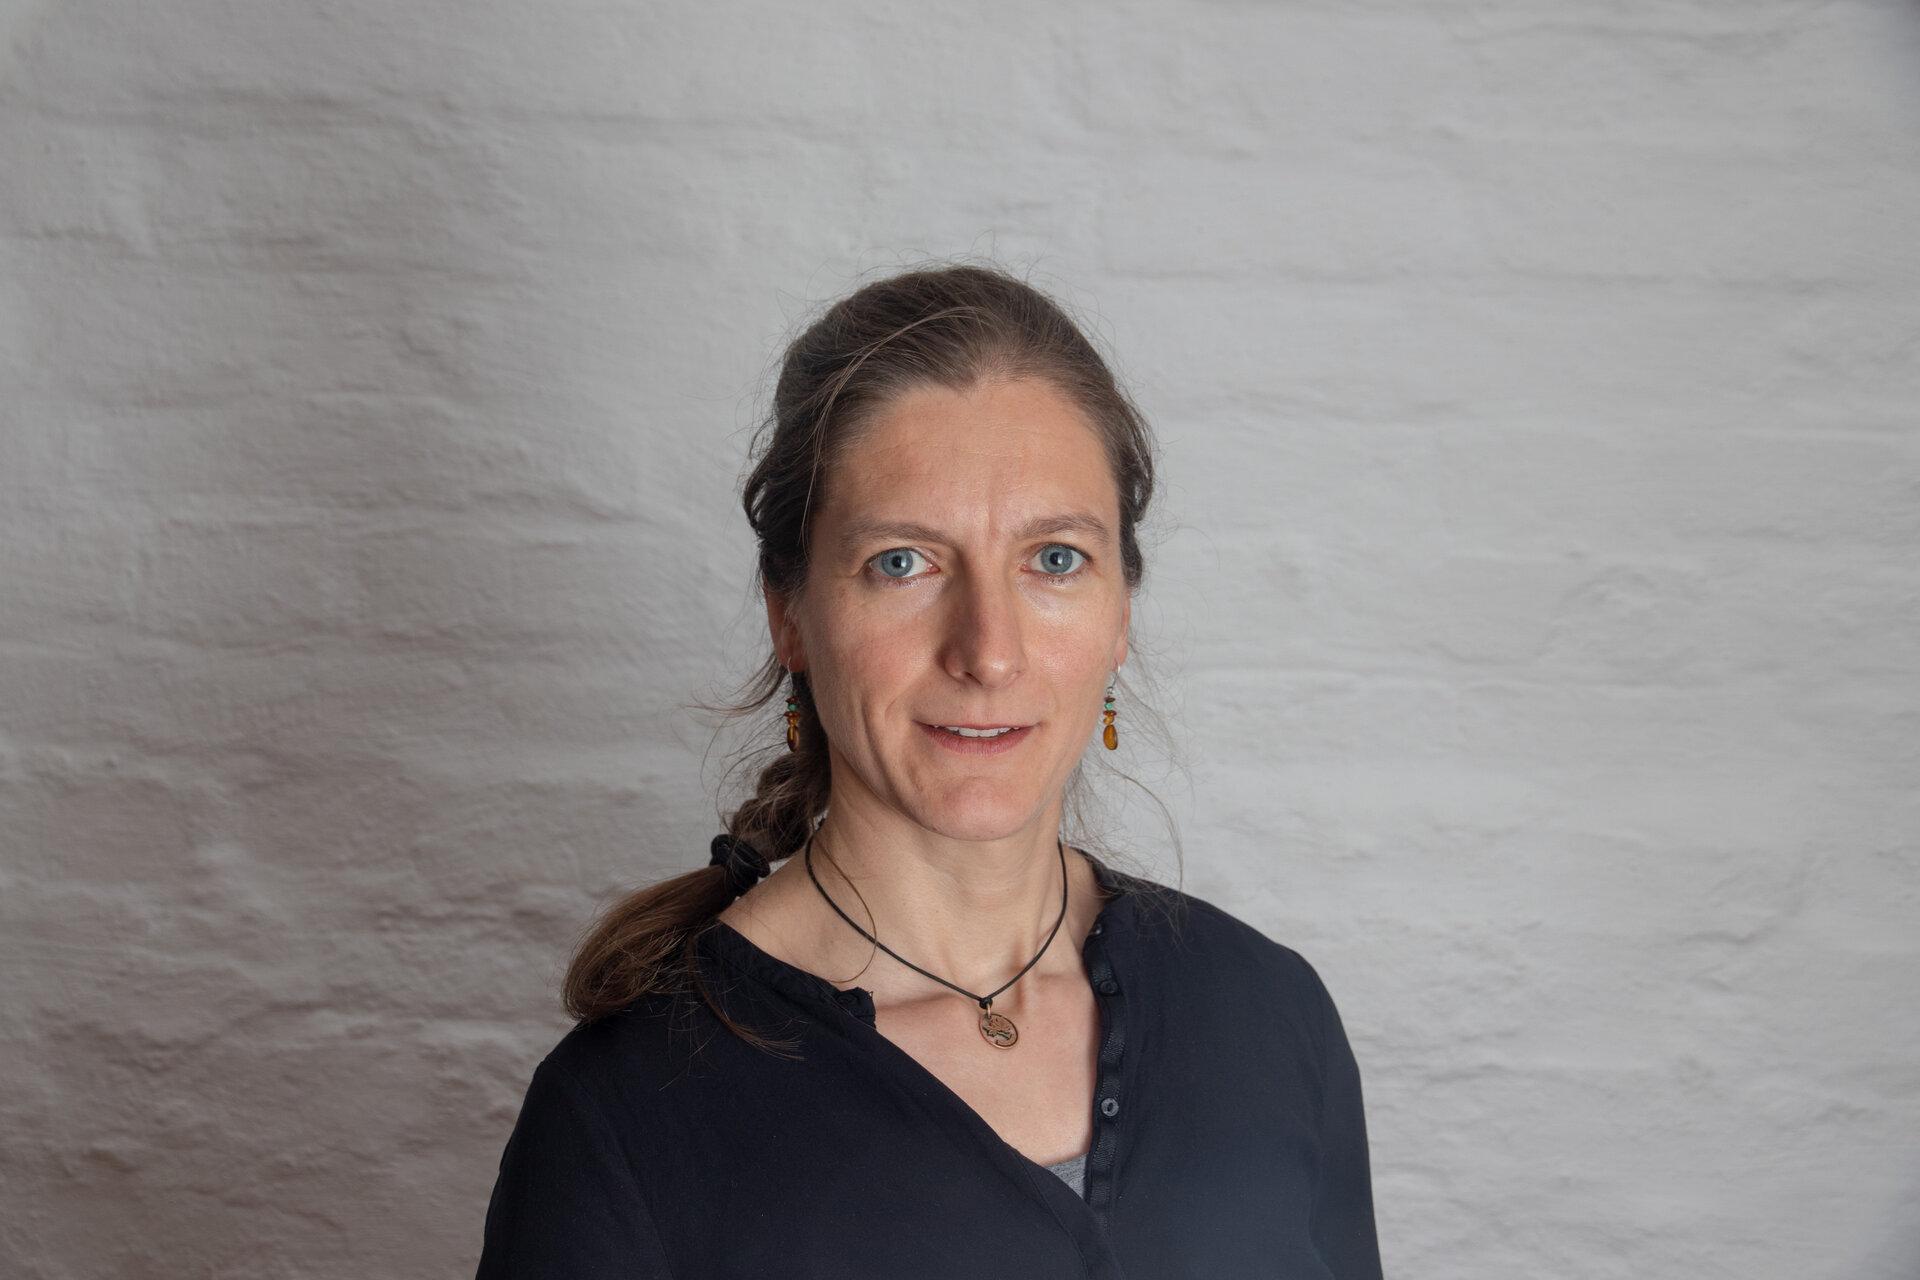 Anne-Katrin Voutta